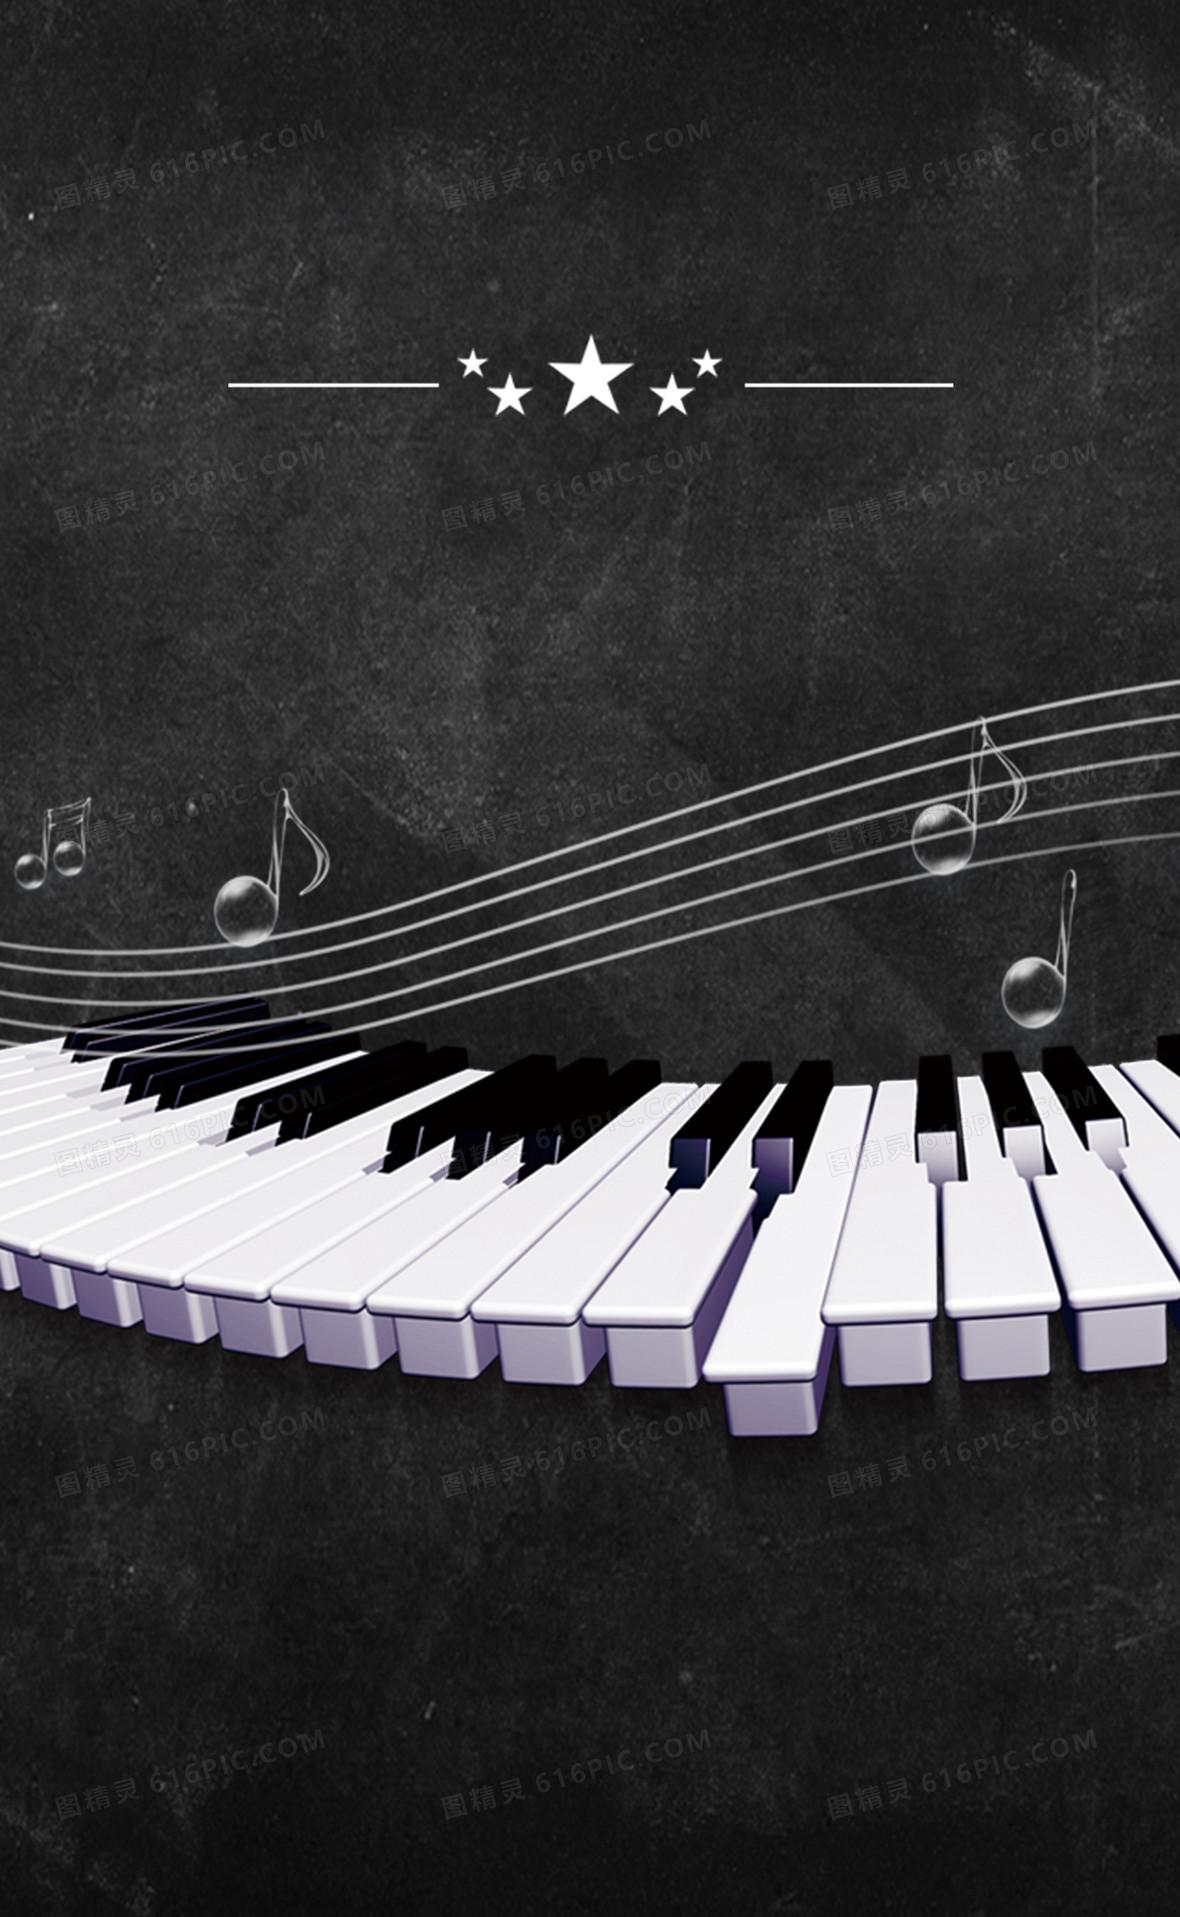 黑色大气钢琴海报背景素材